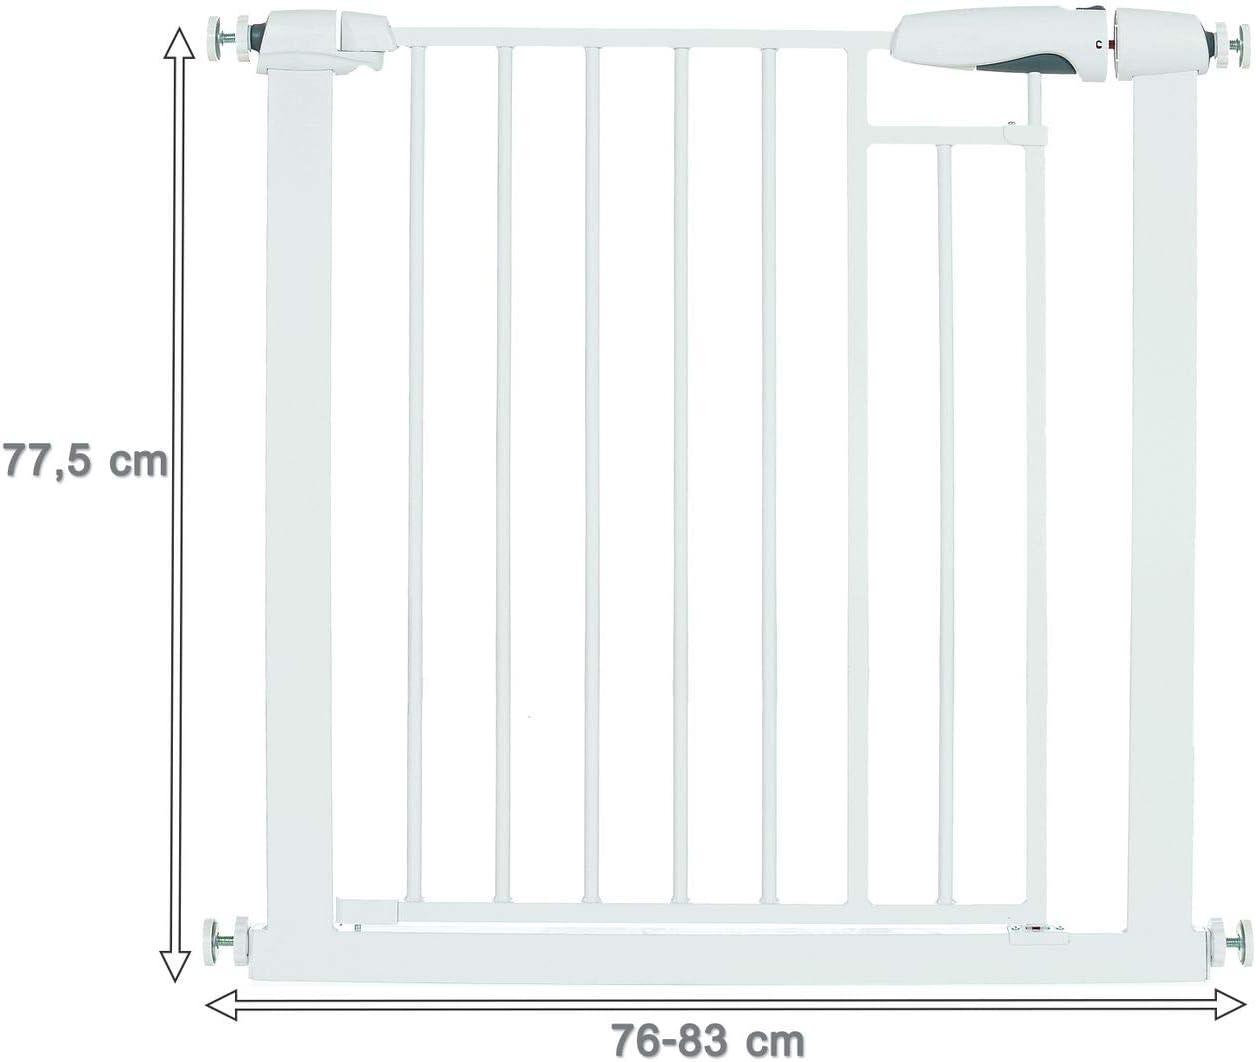 Blanco Extension 7 cm Puerta de eguridad Beb/é Barrera para Puertas y Escaleras